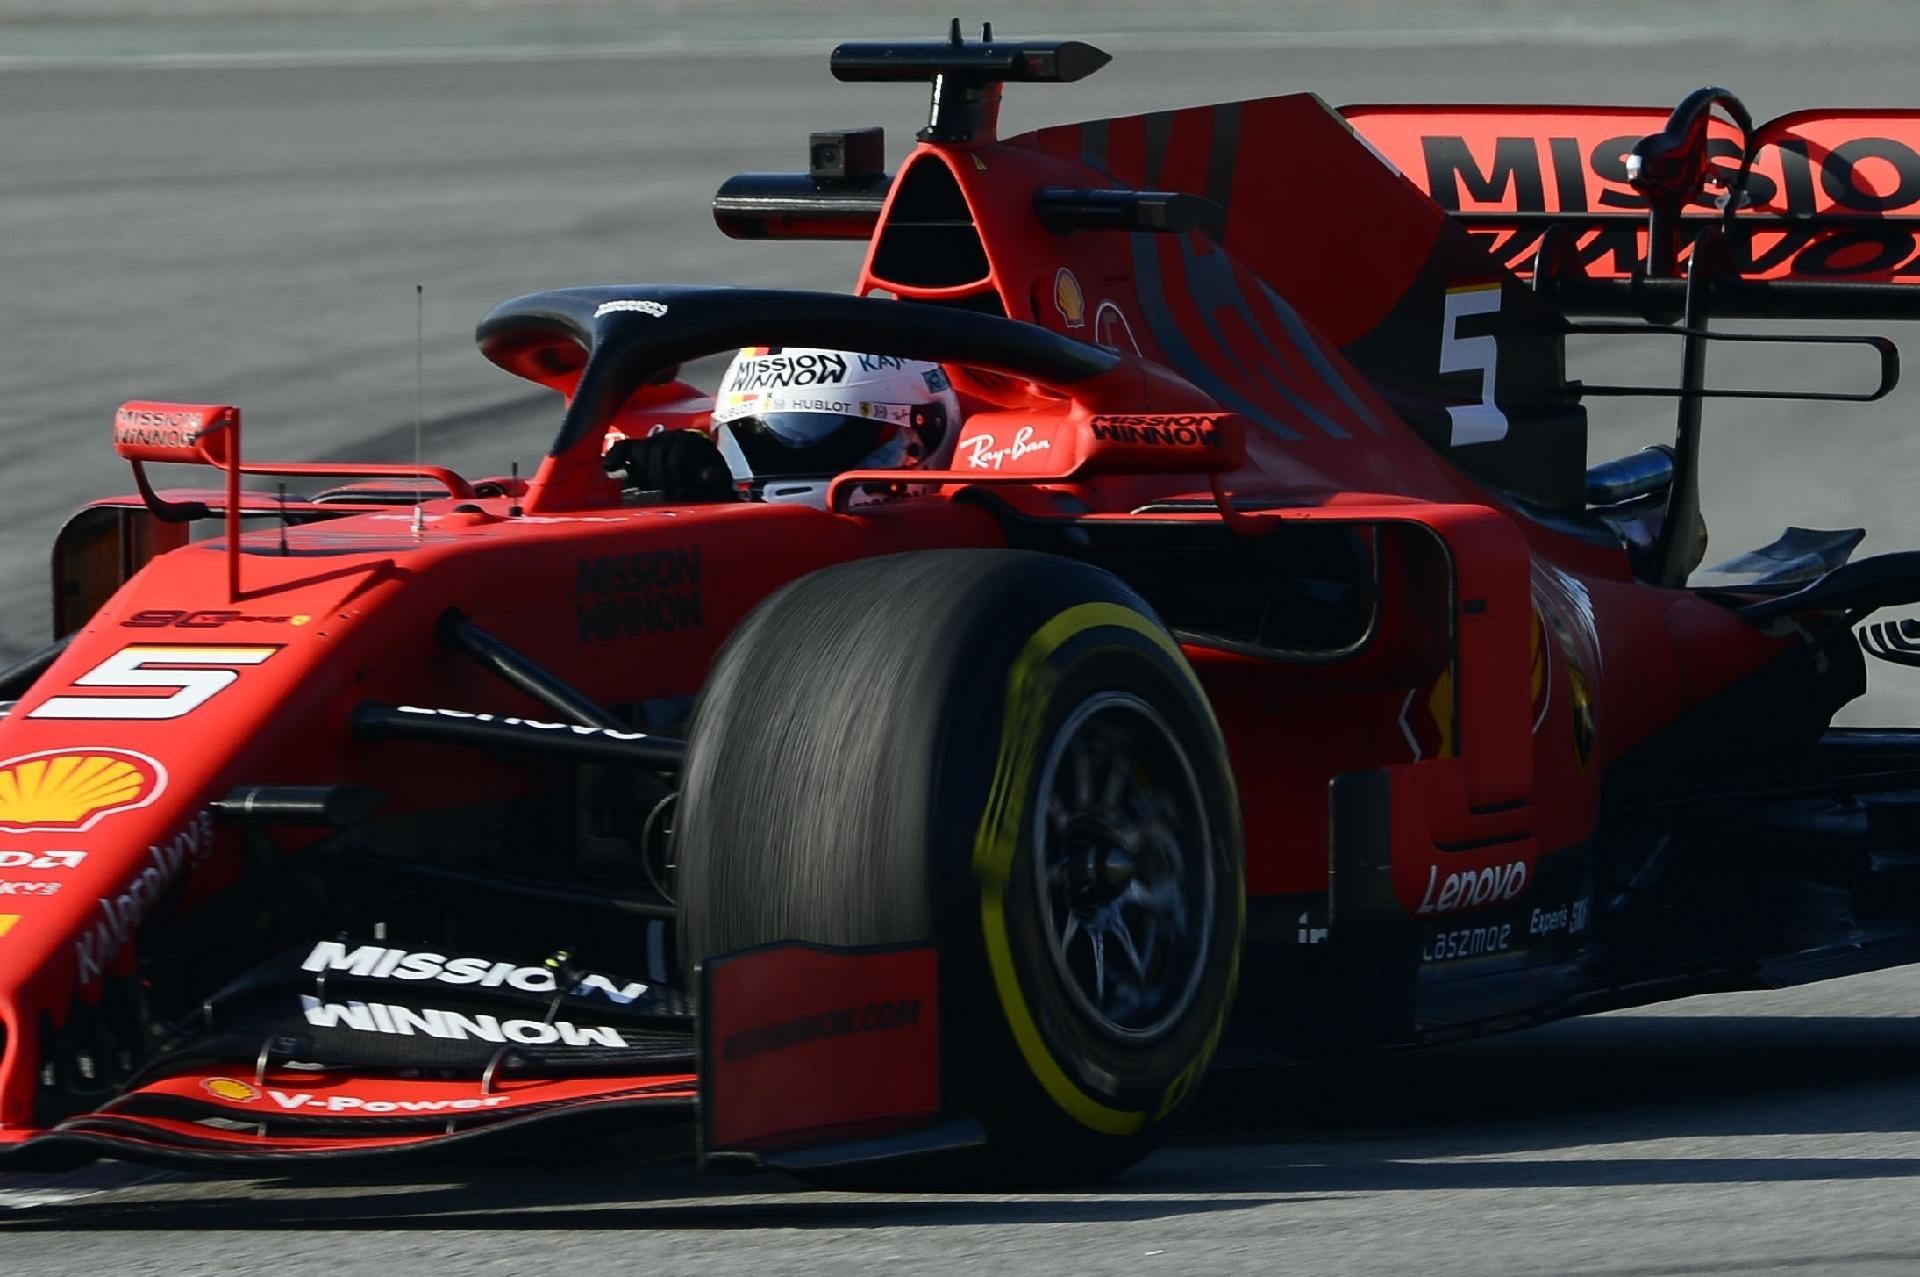 d3a406fd5e0 Ferrari tenta entender a péssima estreia - 20 03 2019 - UOL Esporte